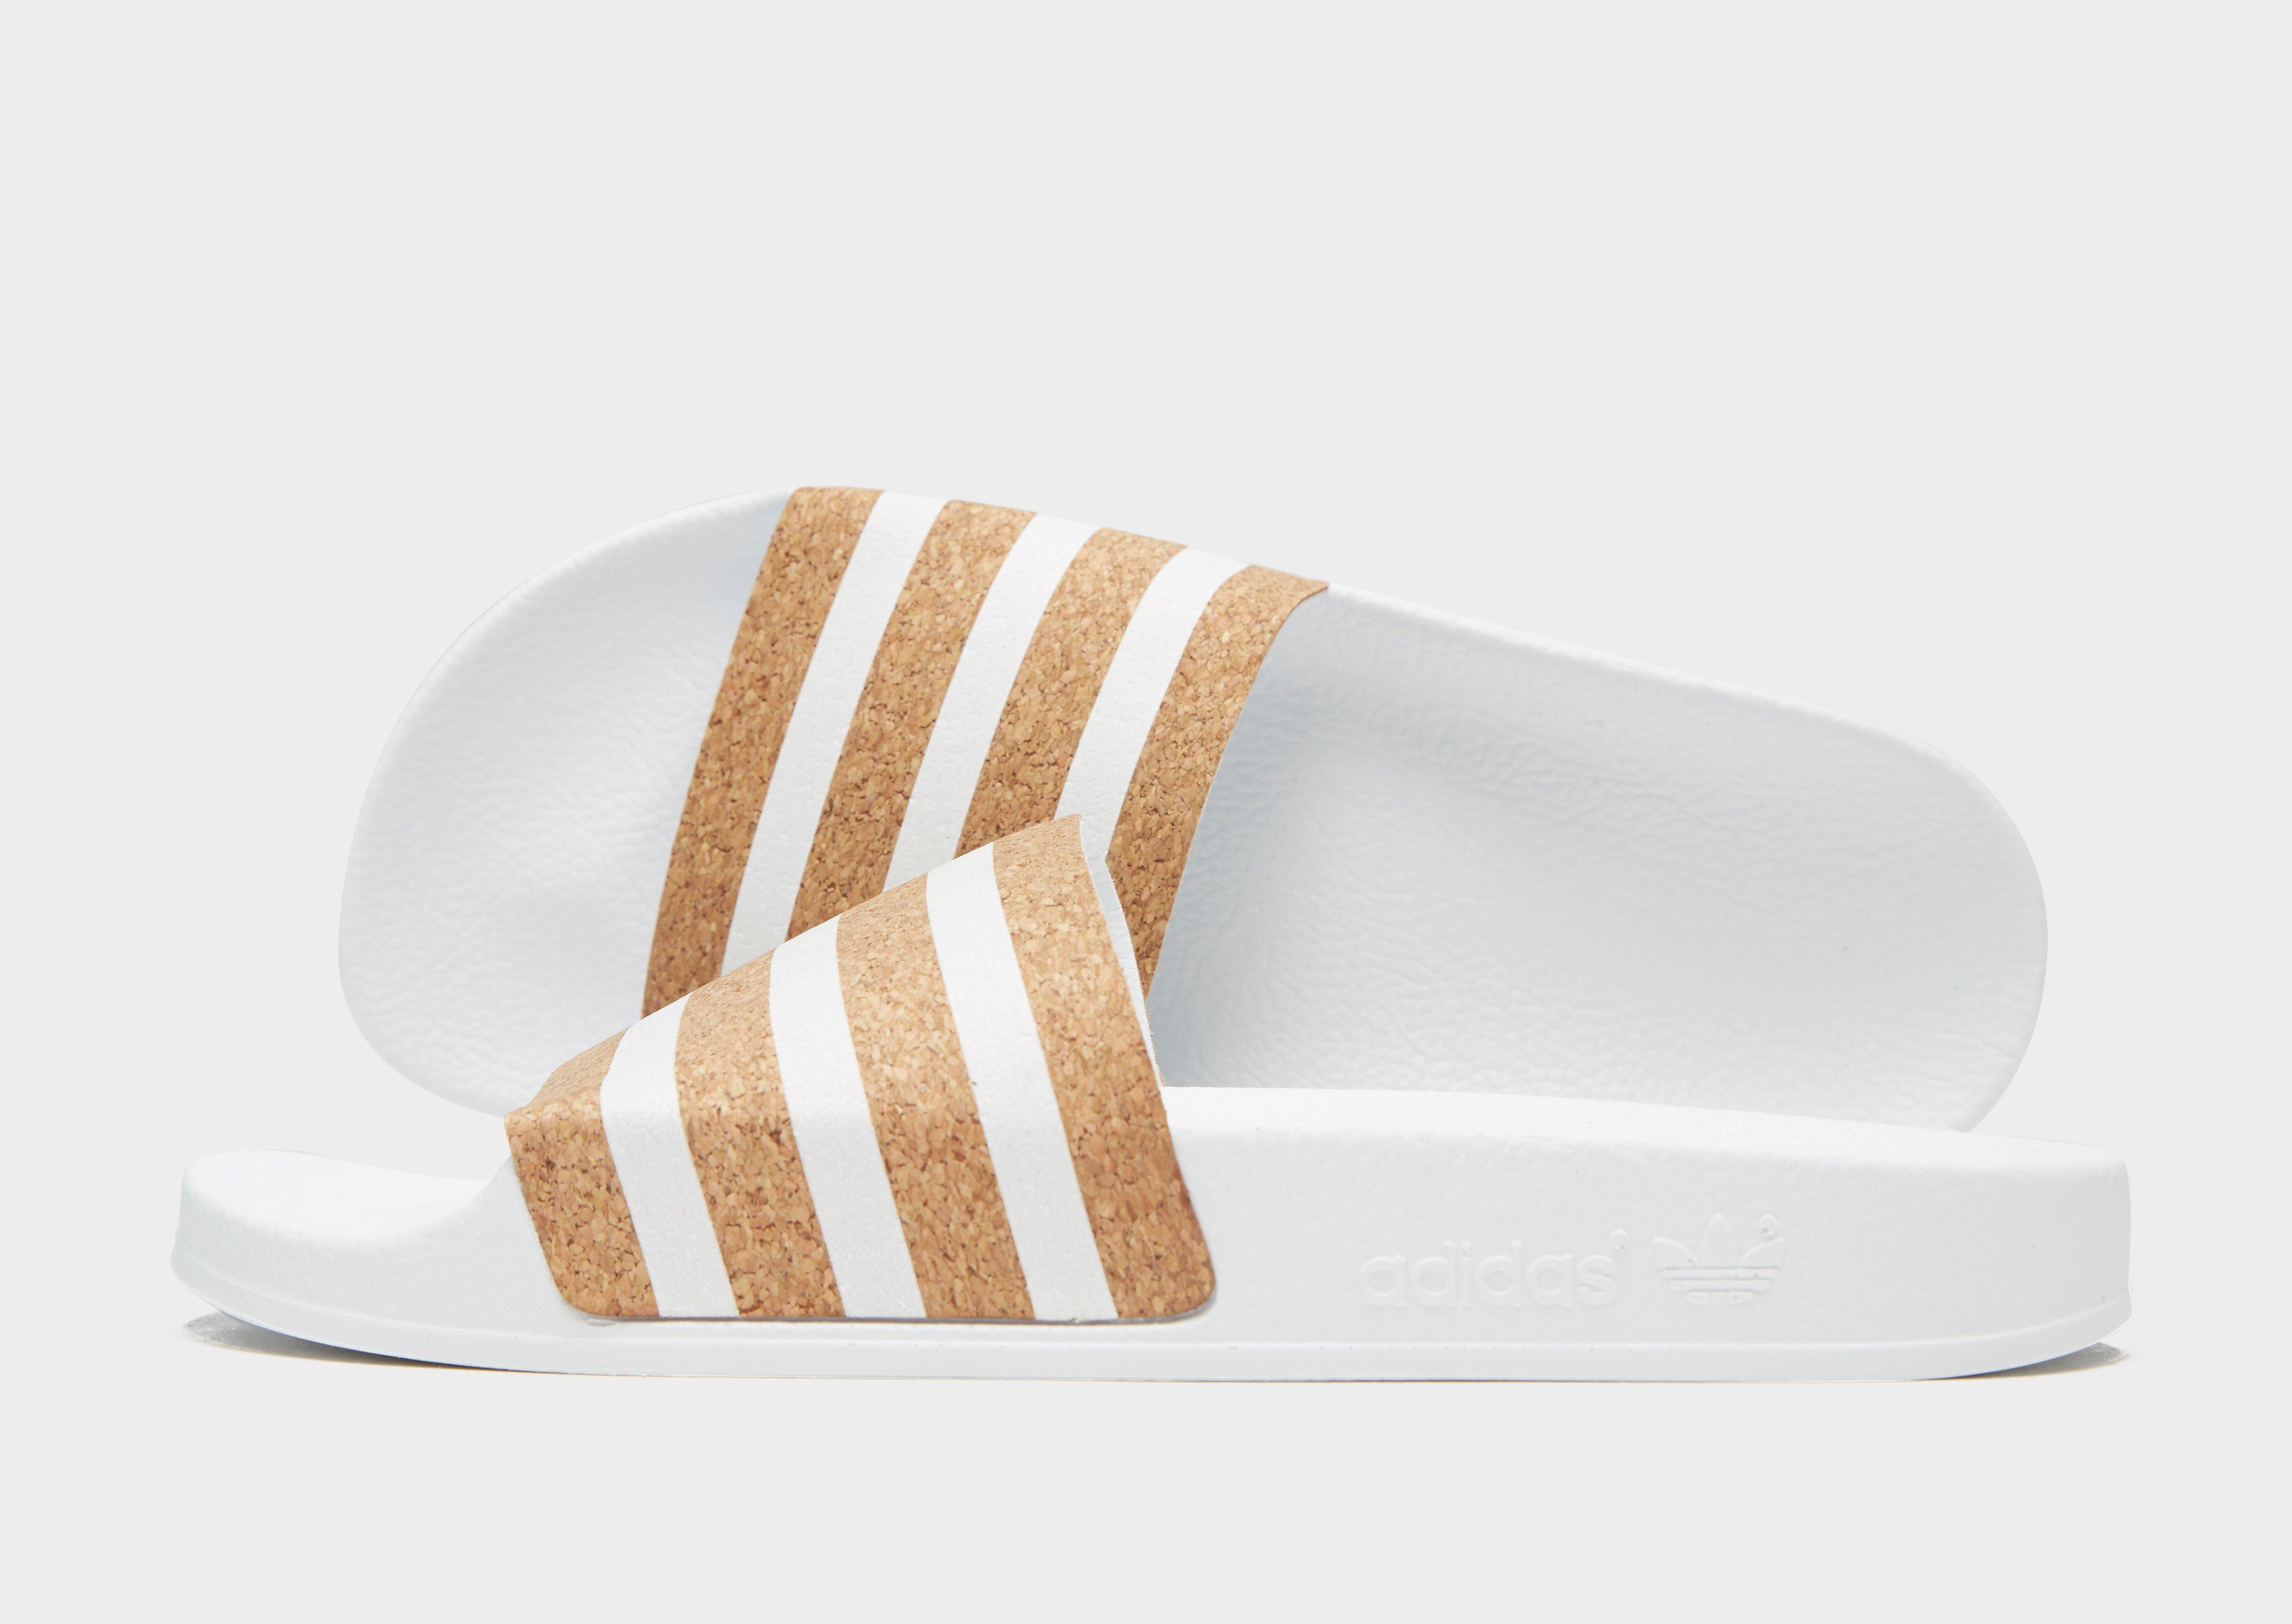 d27618c07a3c5 adidas Originals Adilette Slides in White - Lyst